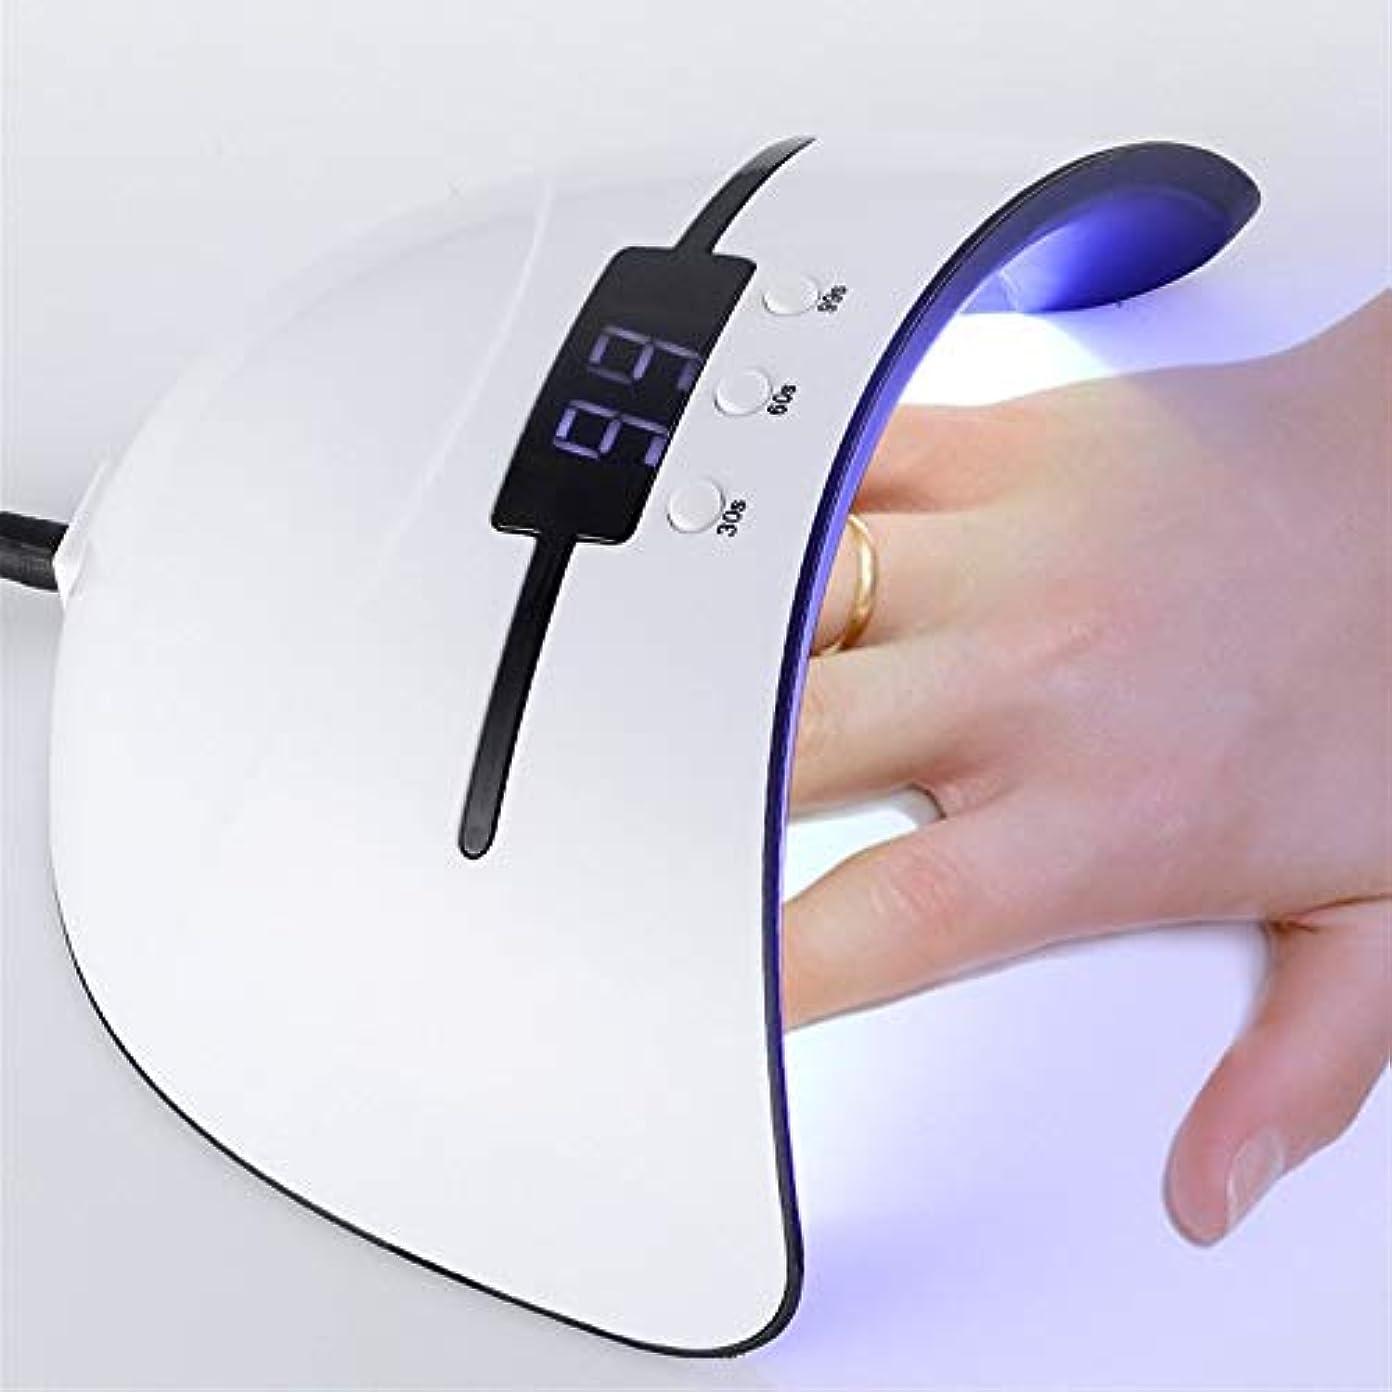 プット処理好意的ジェルネイルPolish36Wスマートベルト誘導ネイルオイルグルードライヤーLED +紫外線吸収度ネイル光線療法ランプネイルマシン速乾性